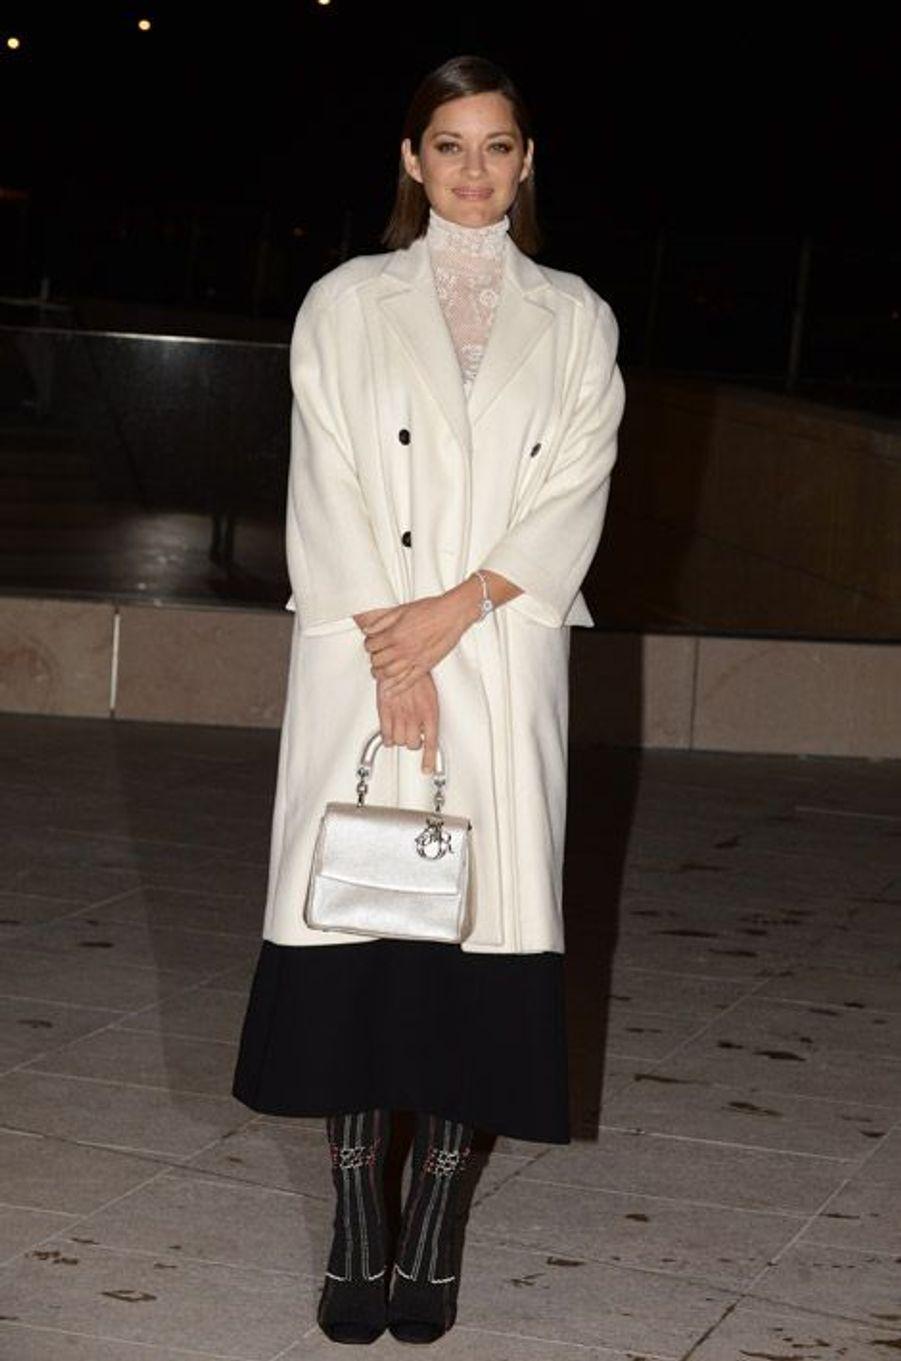 Marion Cotillard, 39 ans, en Dior à l'inauguration de la Fondation Louis Vuitton à Paris, le 20 octobre 2014